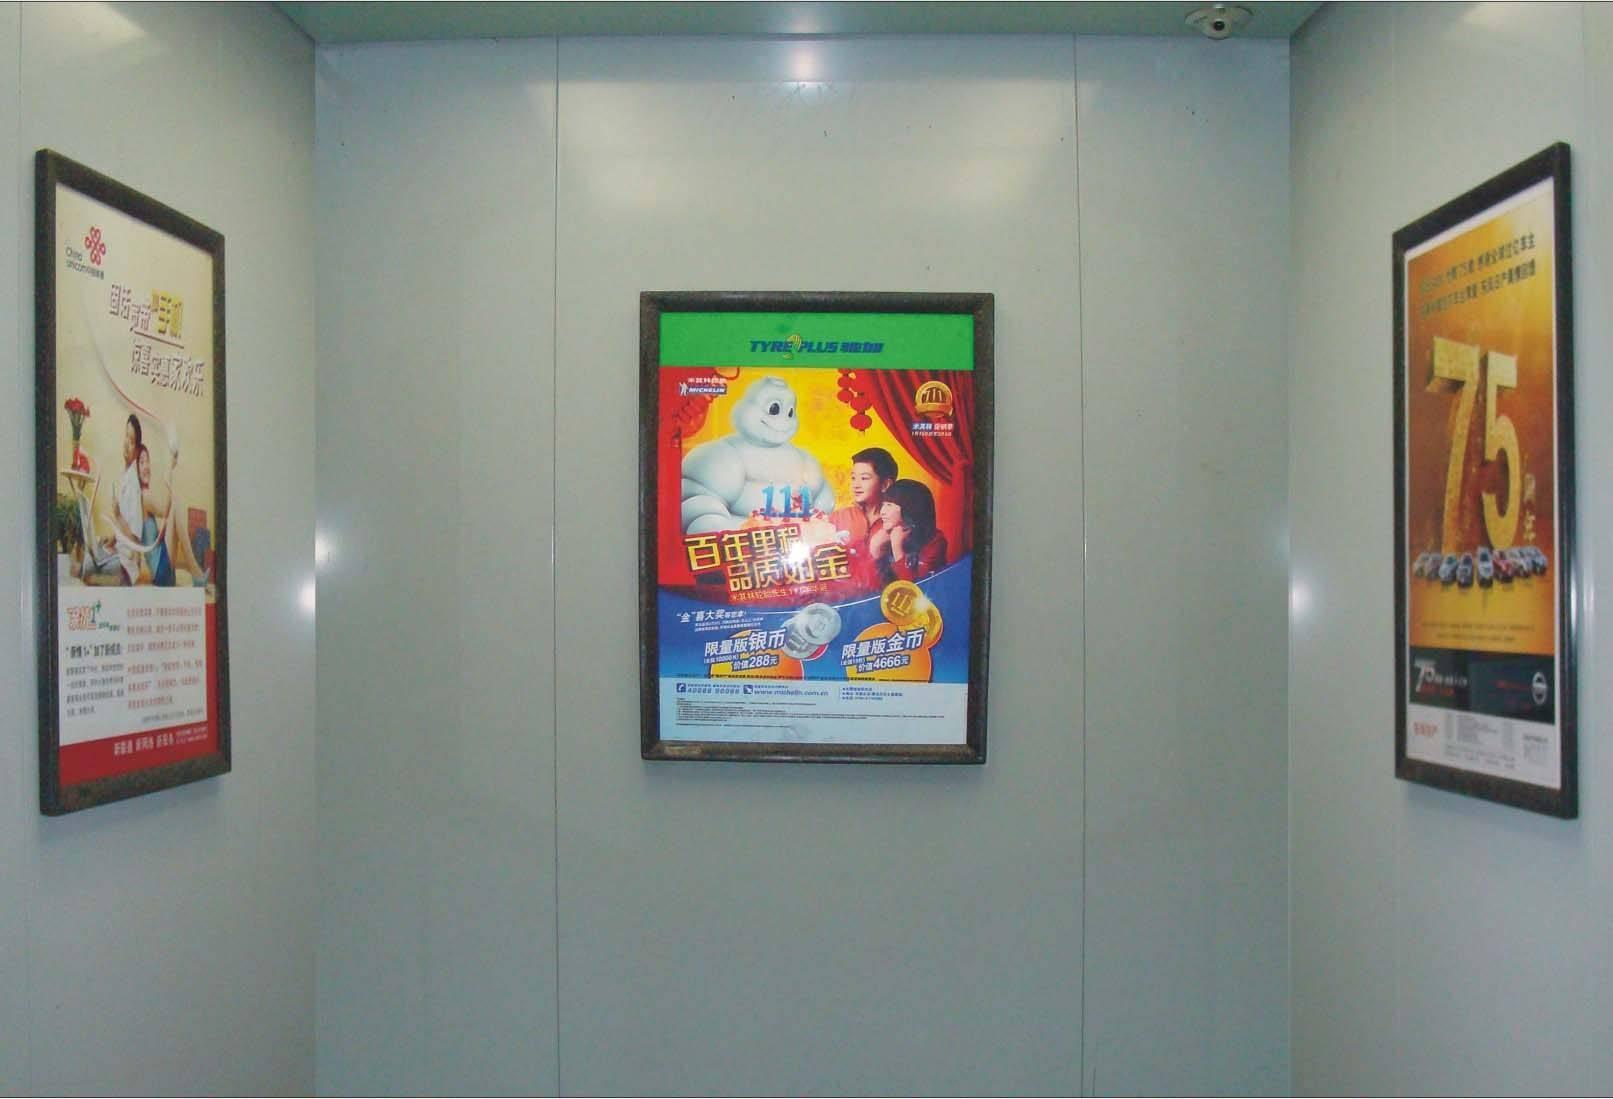 佛山市高明区君御海城电梯轿厢广告框架